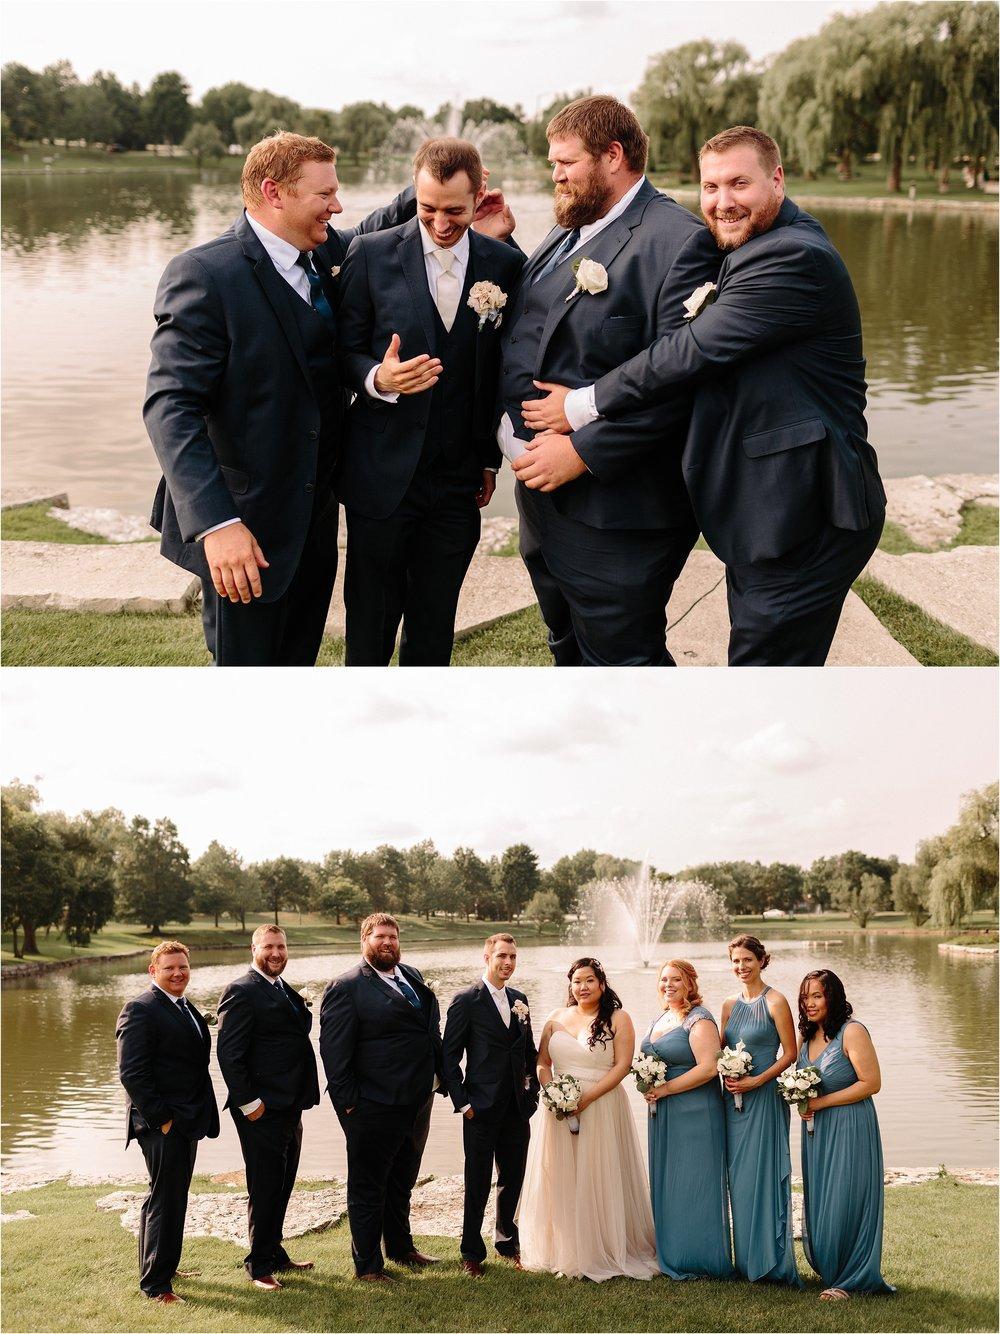 Chicago-Marriott-Schaumburg-Wedding-90.jpg